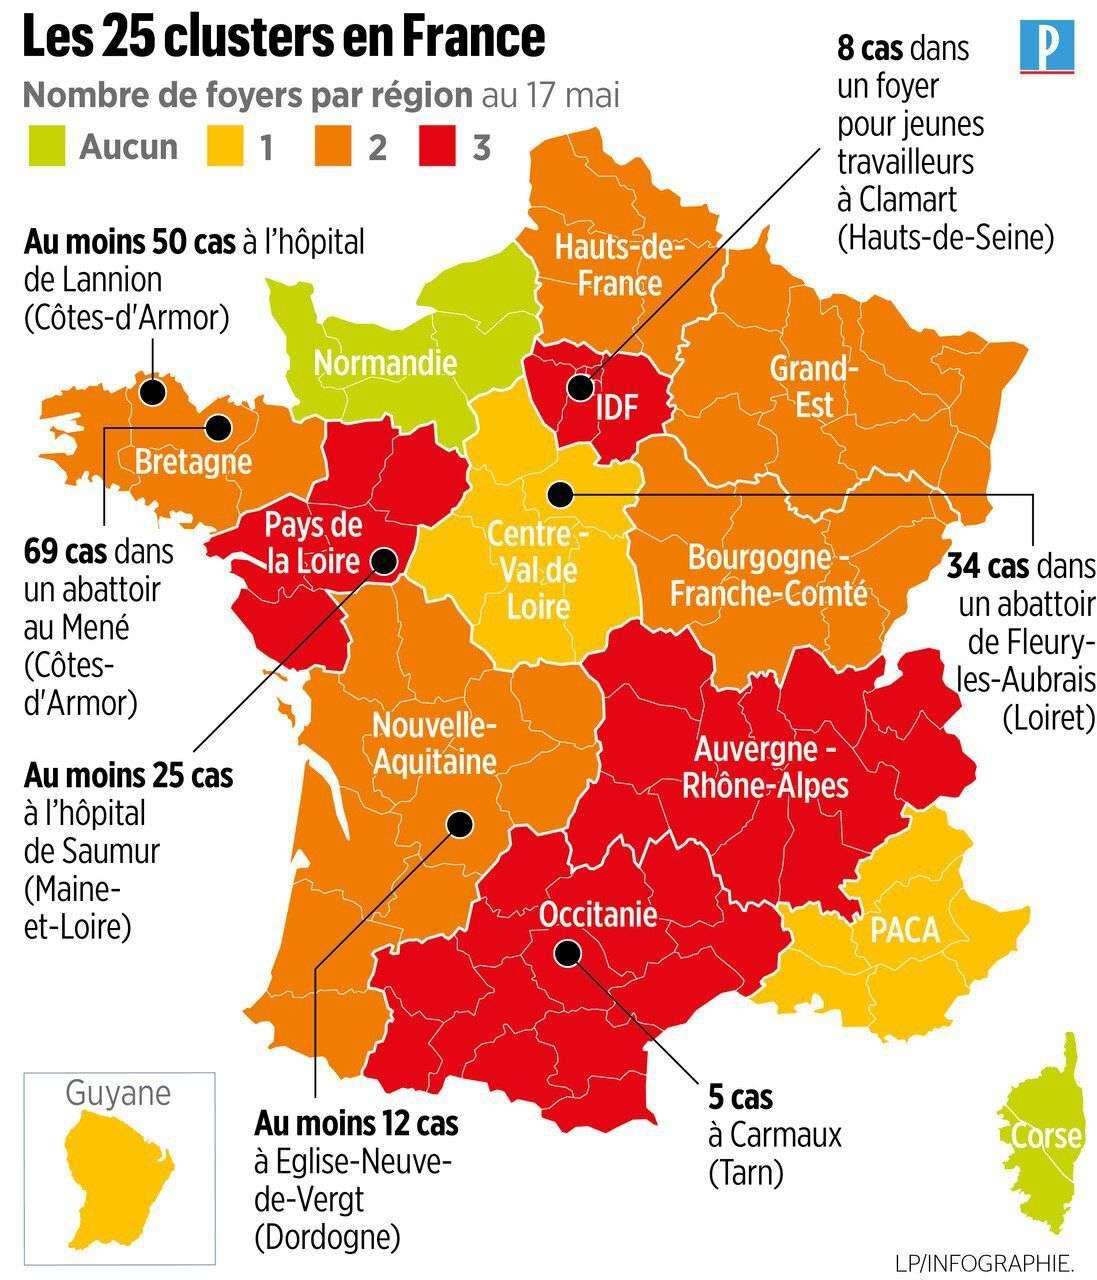 Depuis le 11 mai, 25 nouveaux de foyers de contamination au coronavirus en France. © Le Parisien, Twitter